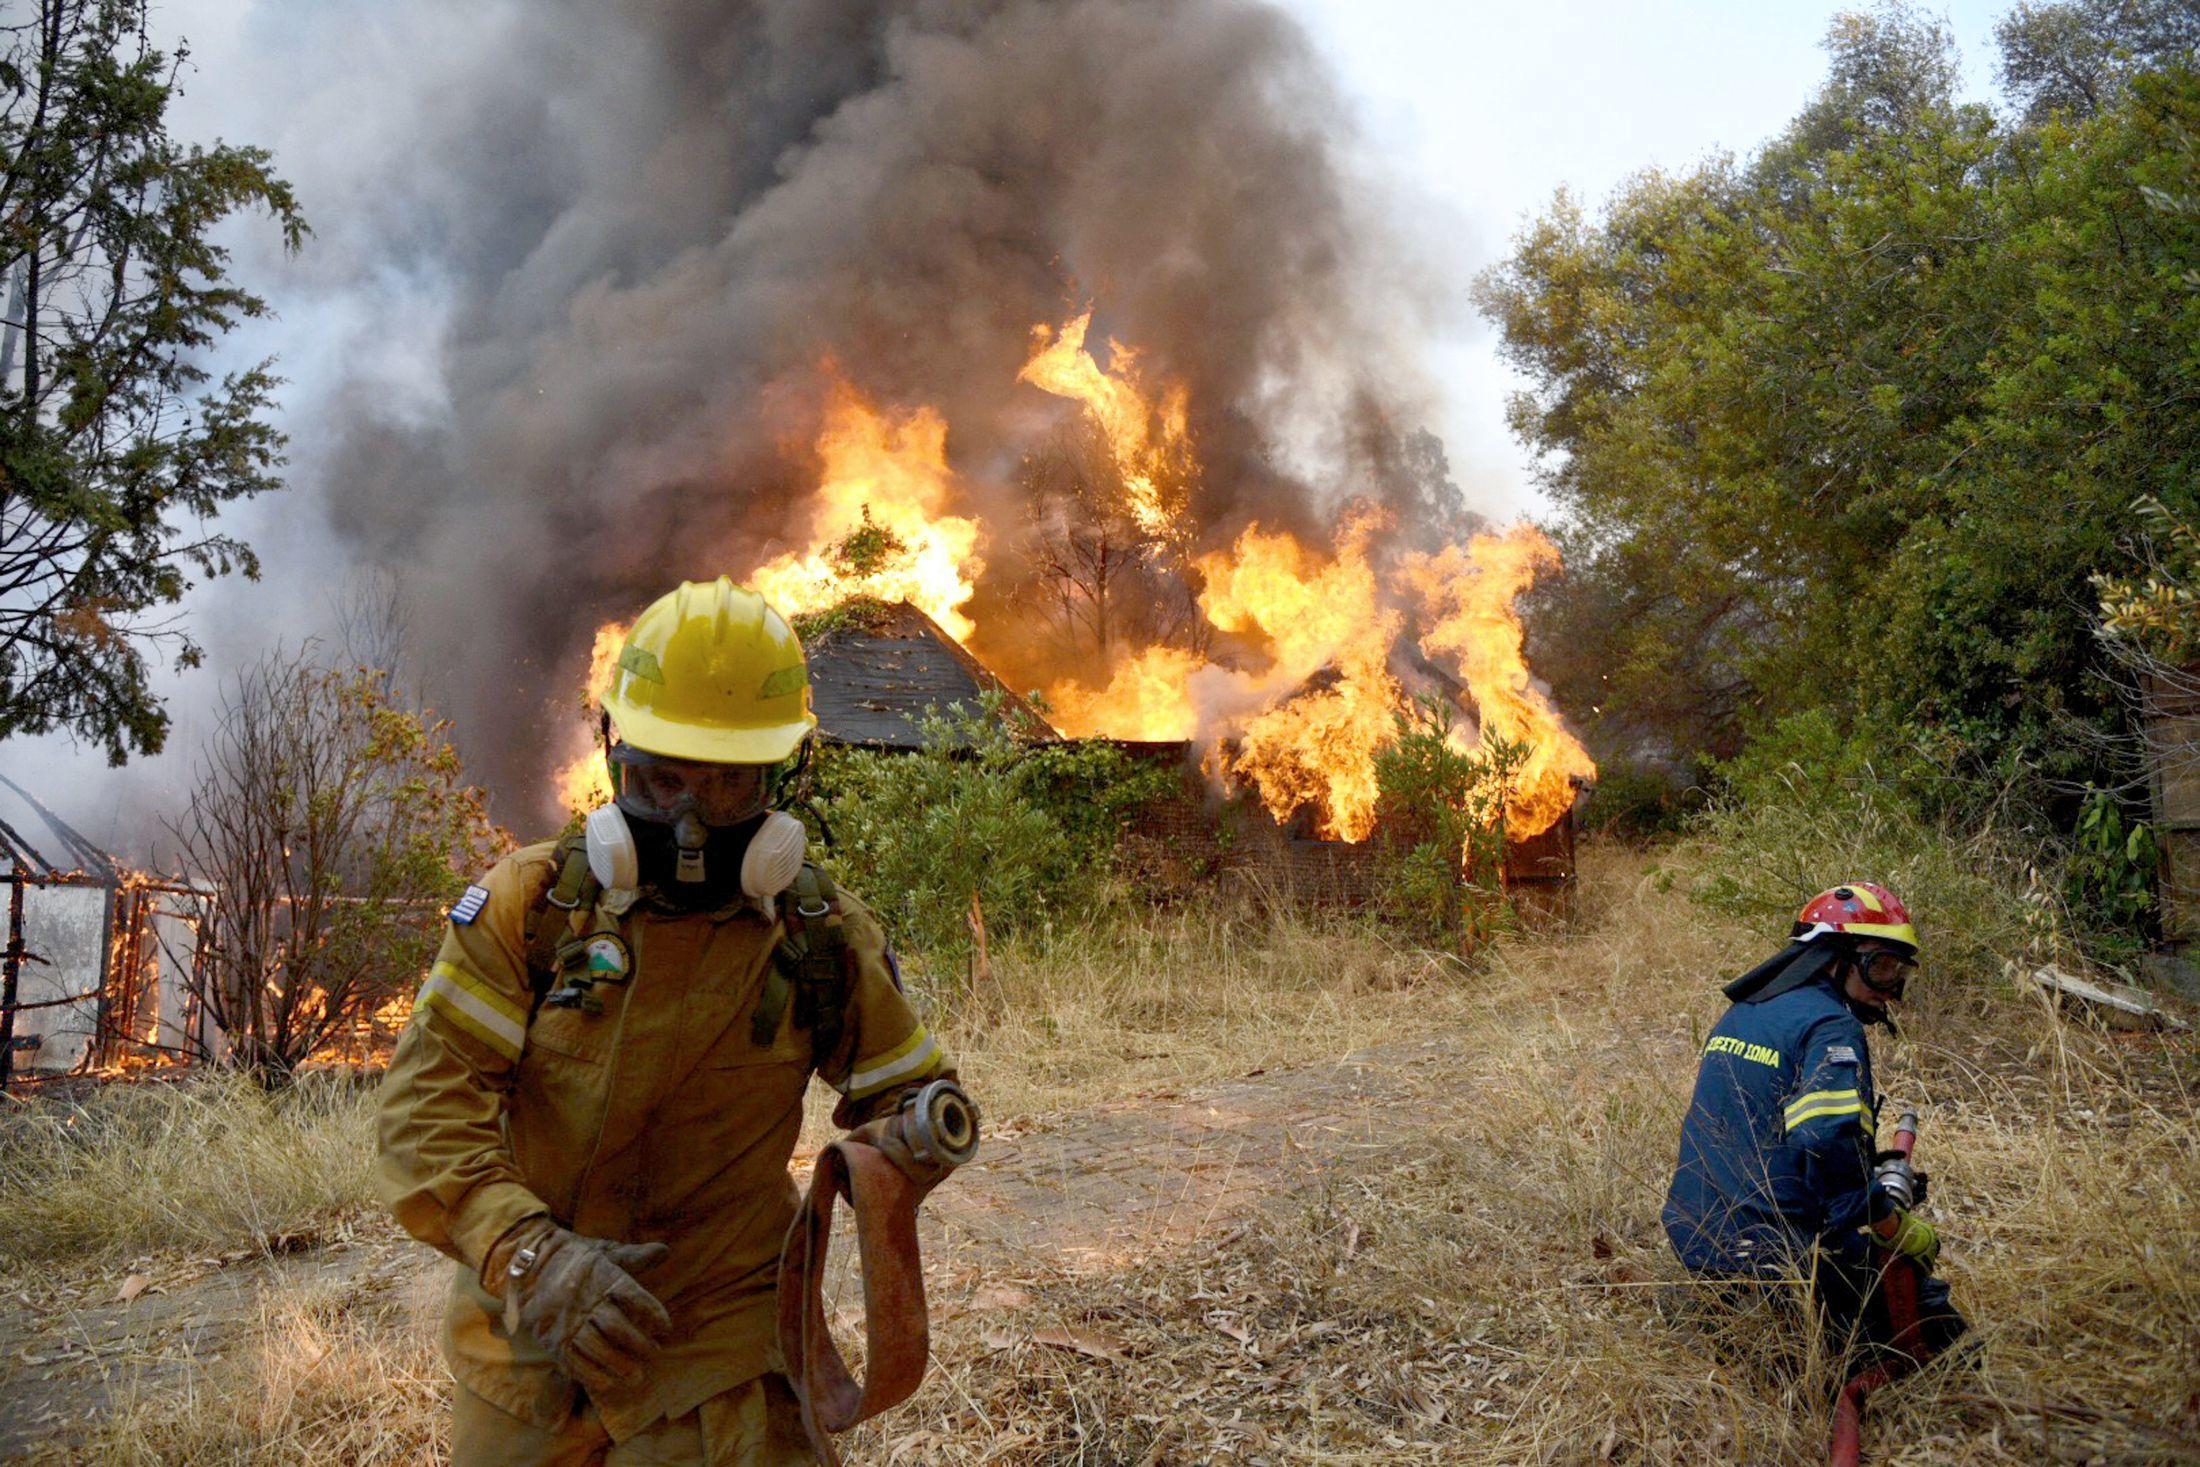 Cảnh sát Hy Lạp bắt giữ hơn 100 người vì nghi ngờ đốt rừng